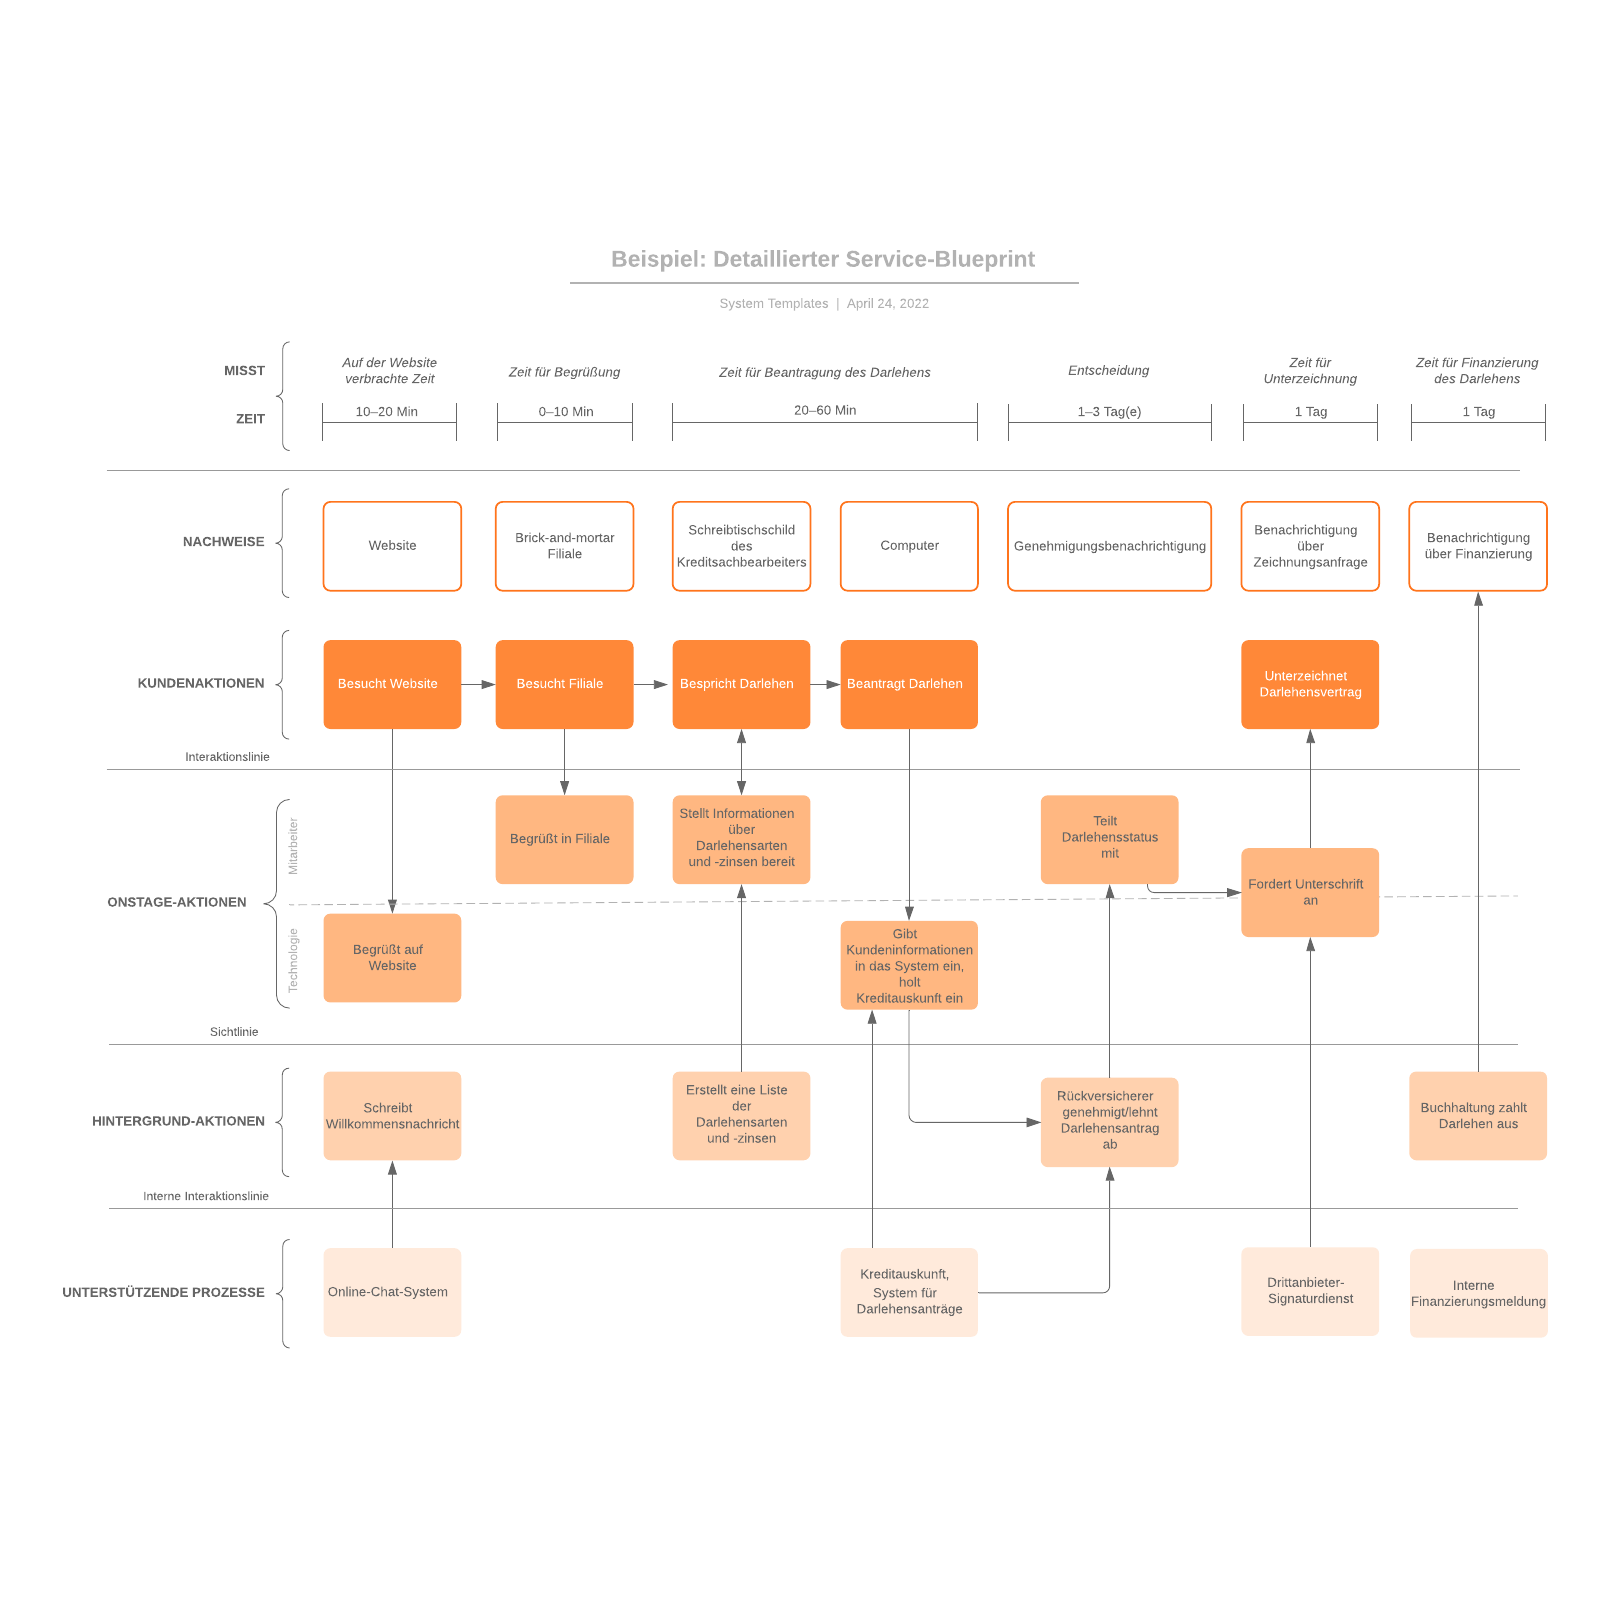 Detaillierter Service-Blueprint - Beispiel